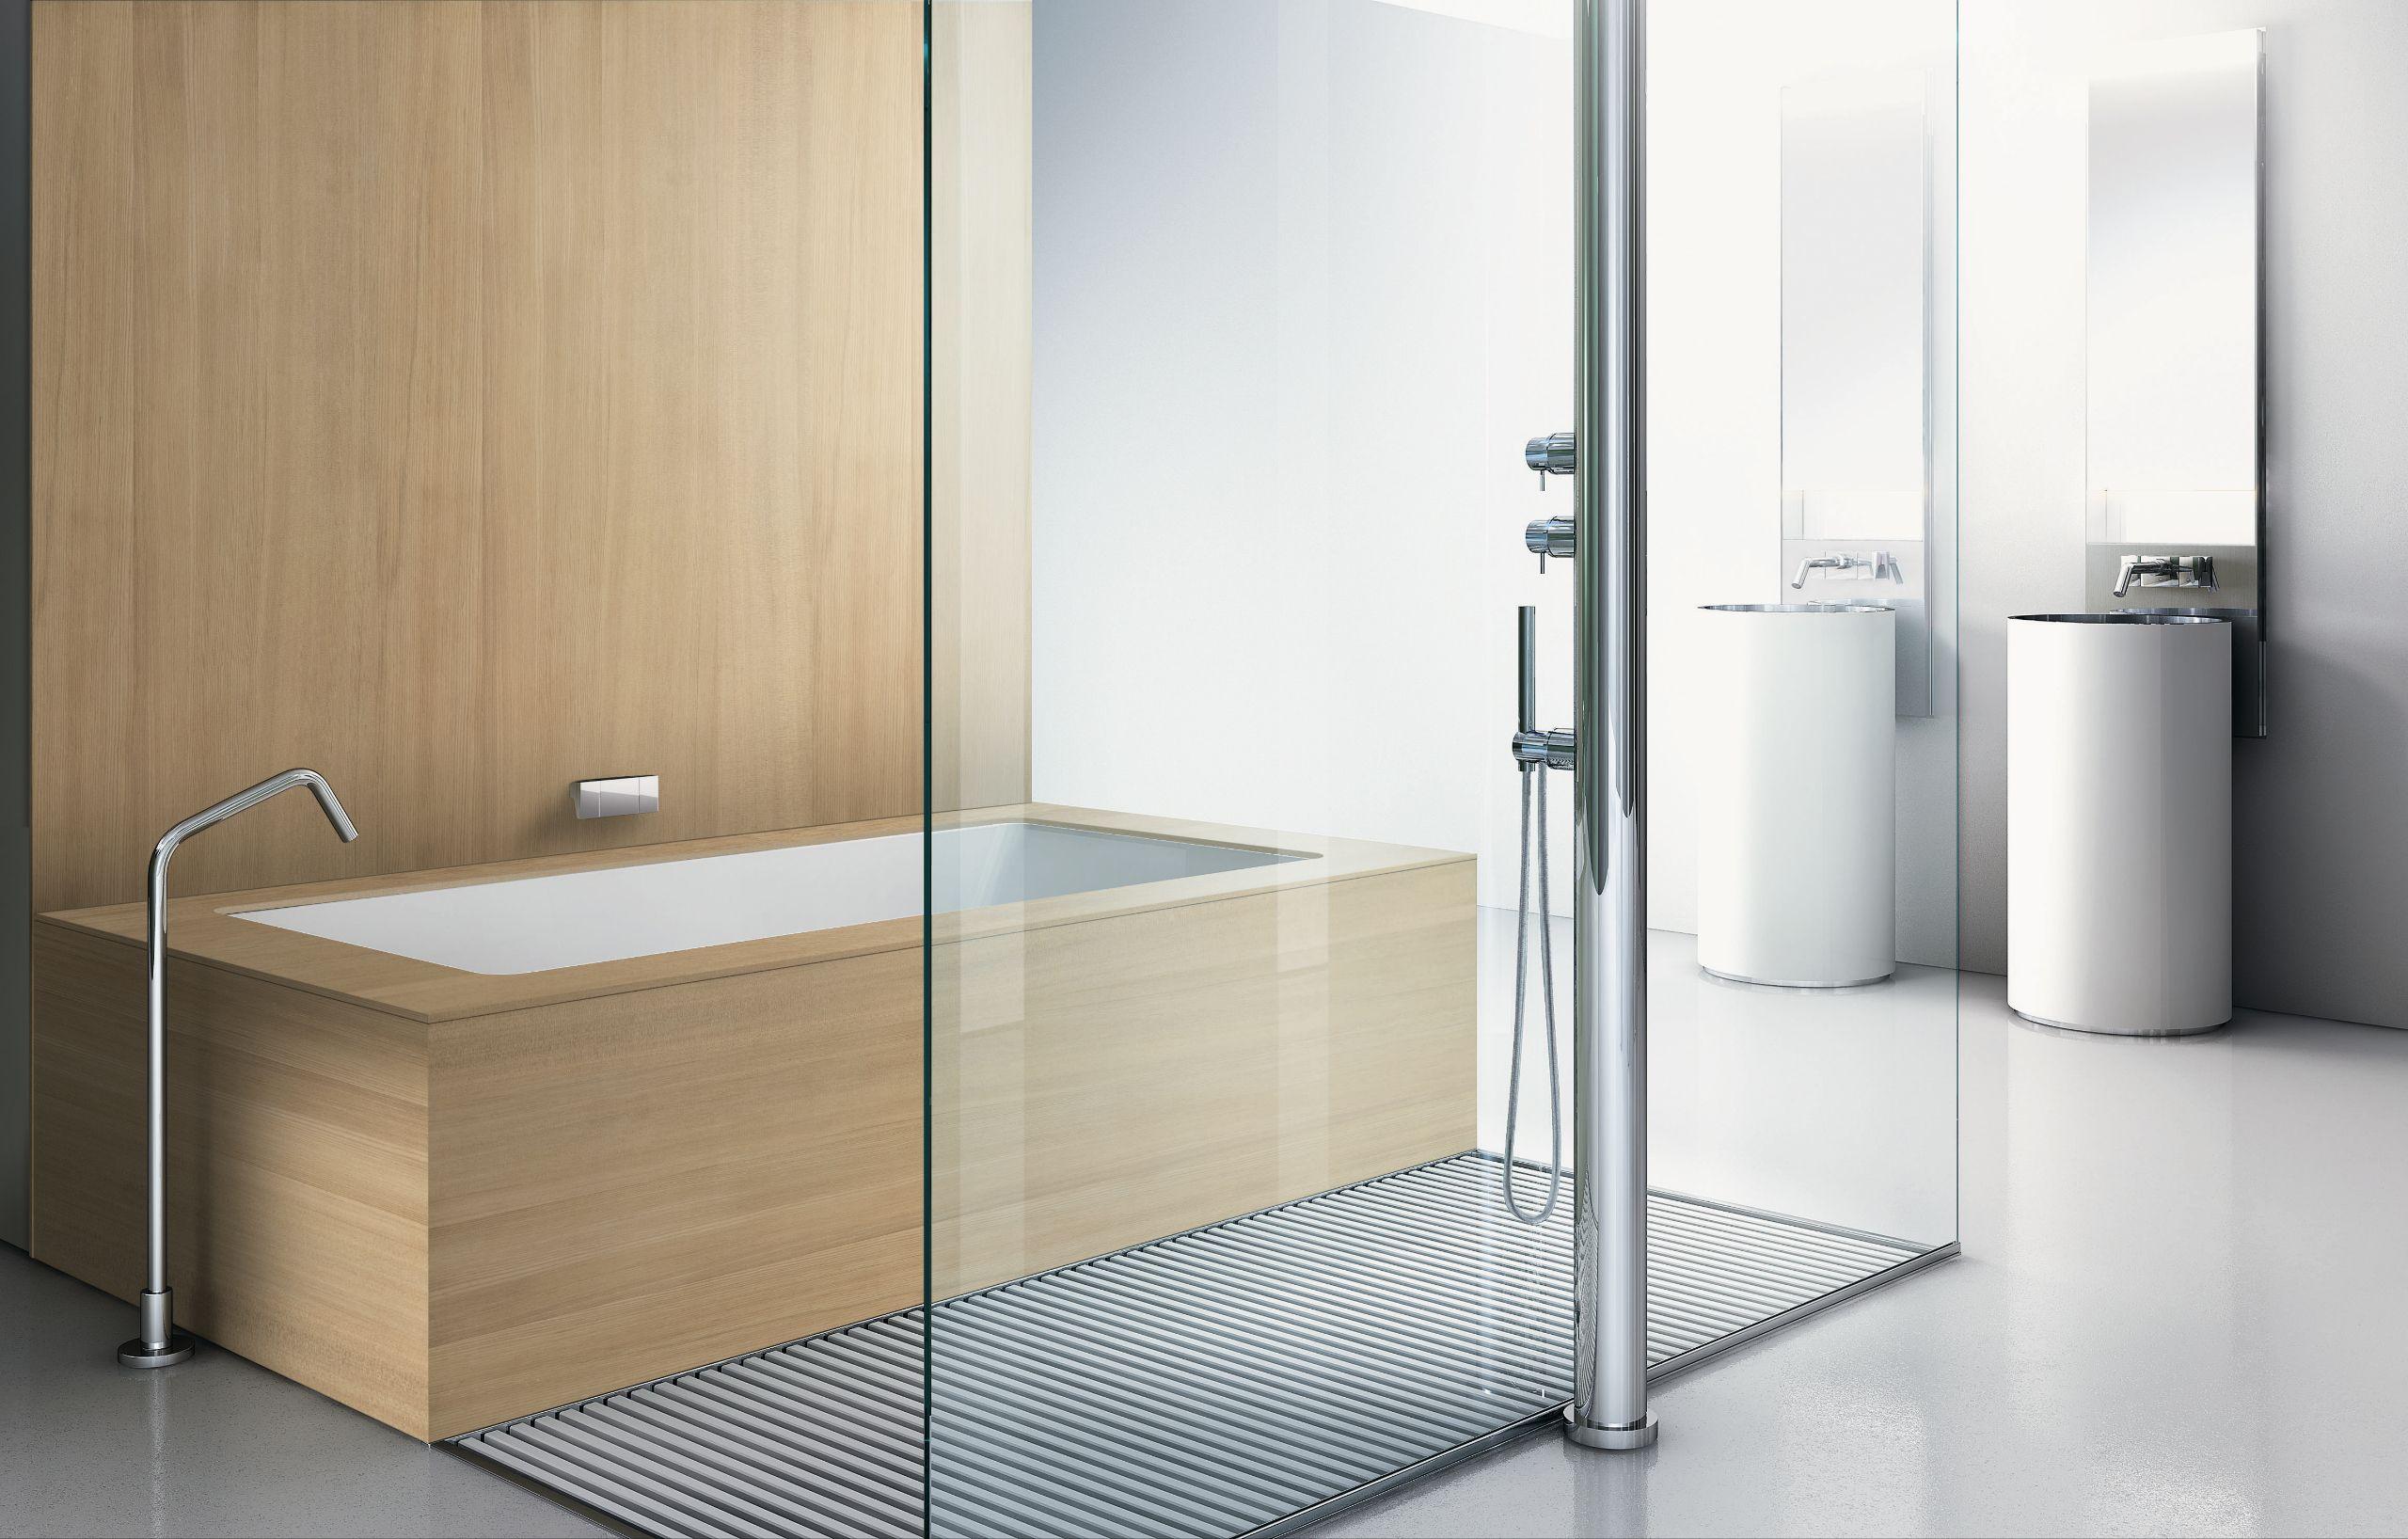 Arredo bagno completo sistema vasca doccia frontale 01 by makro design makro design - Vasca bagno doccia ...